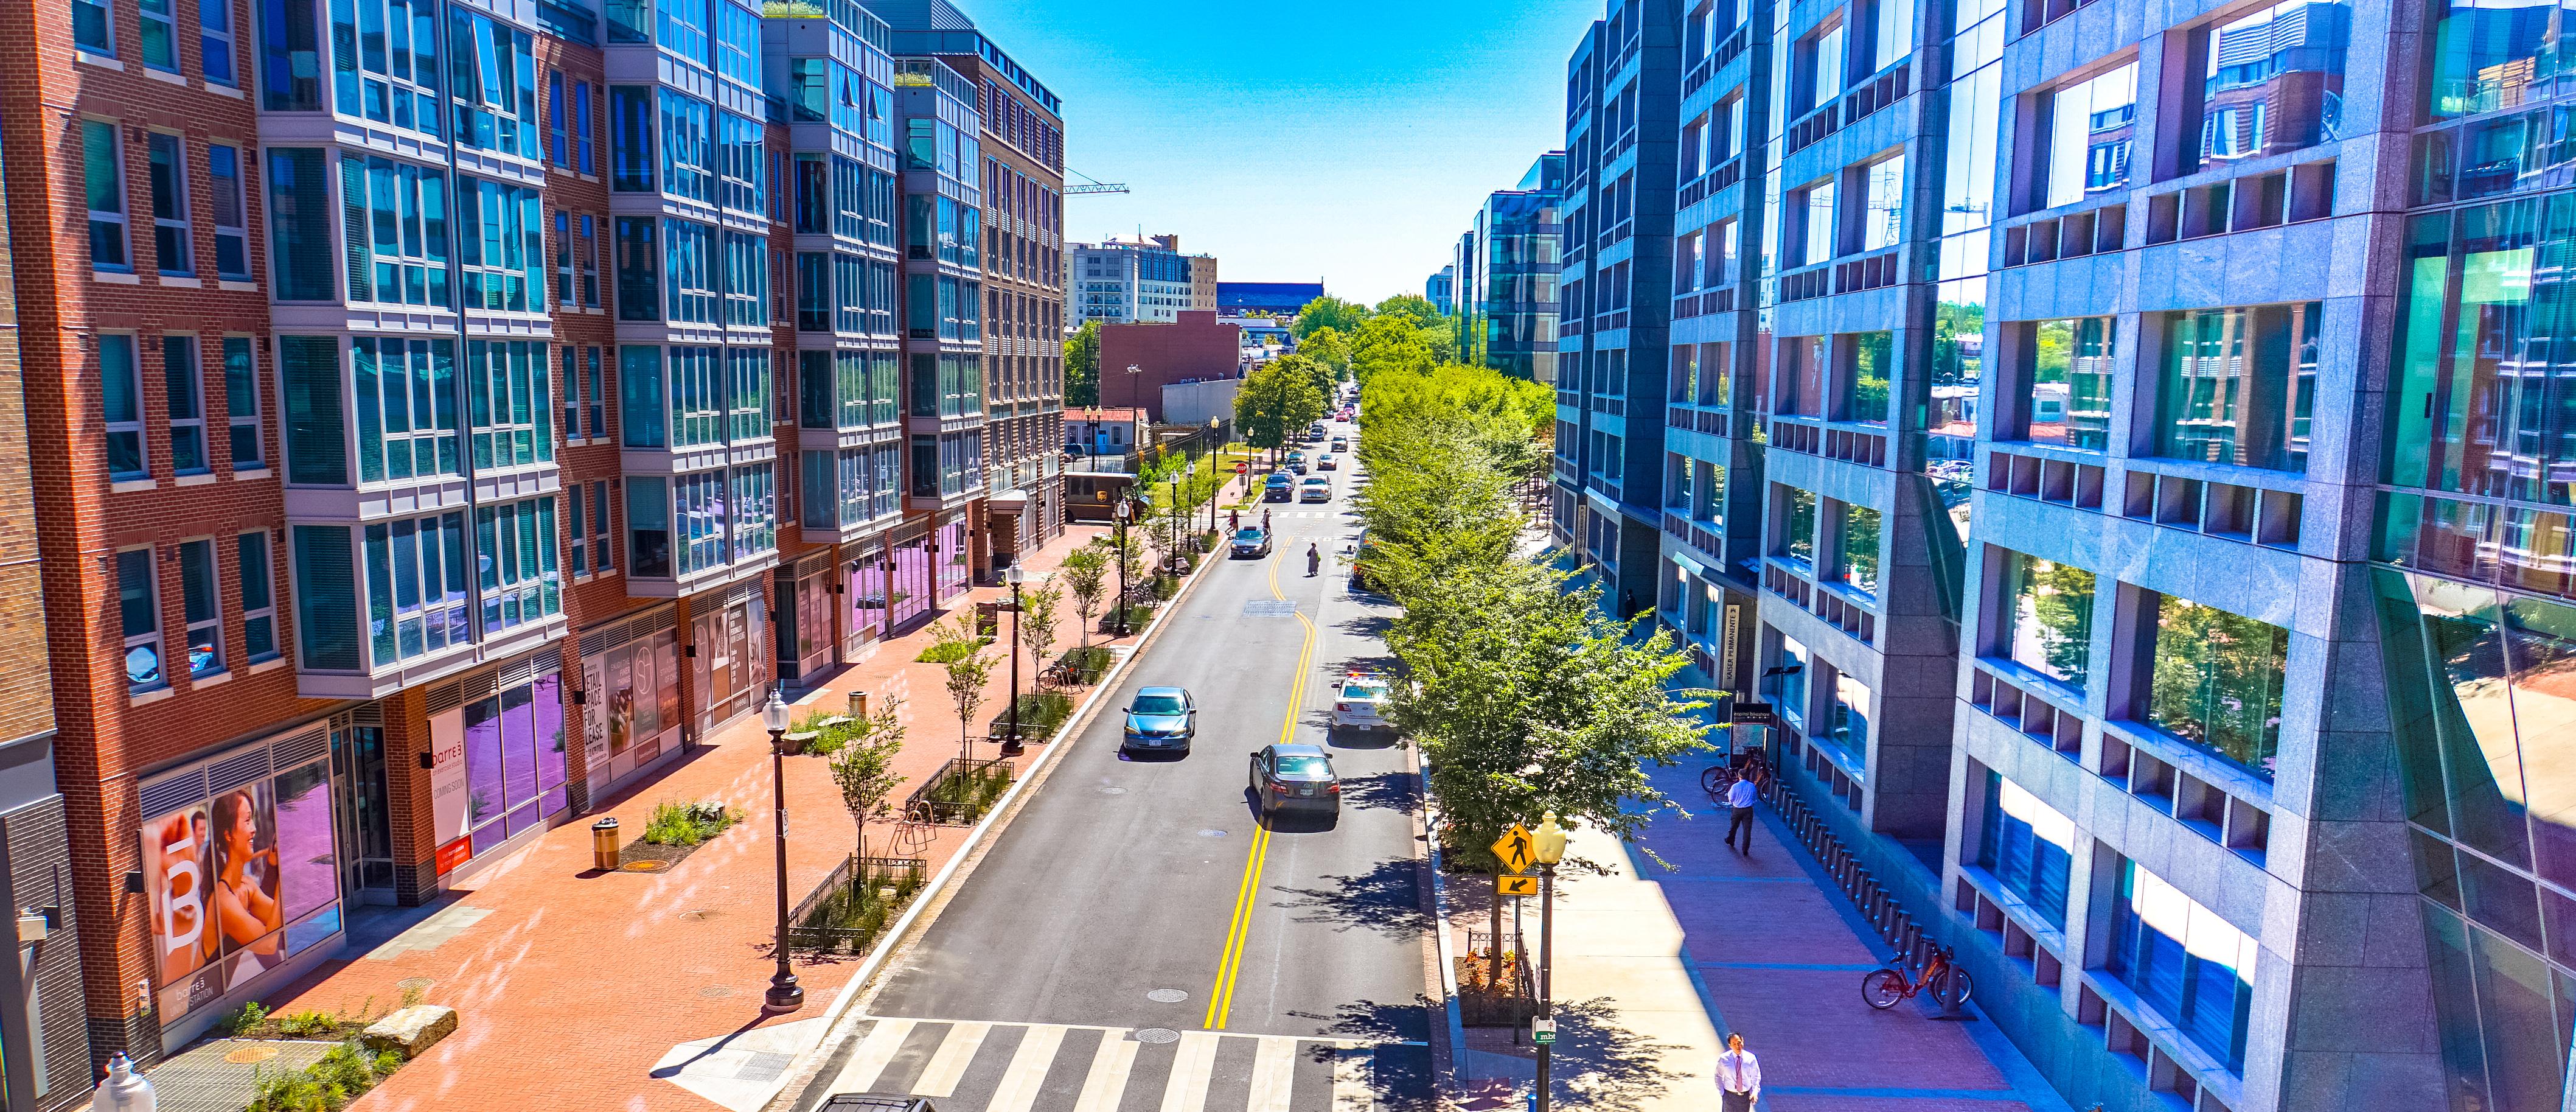 Healing H Street NE Washington DC USA 08960